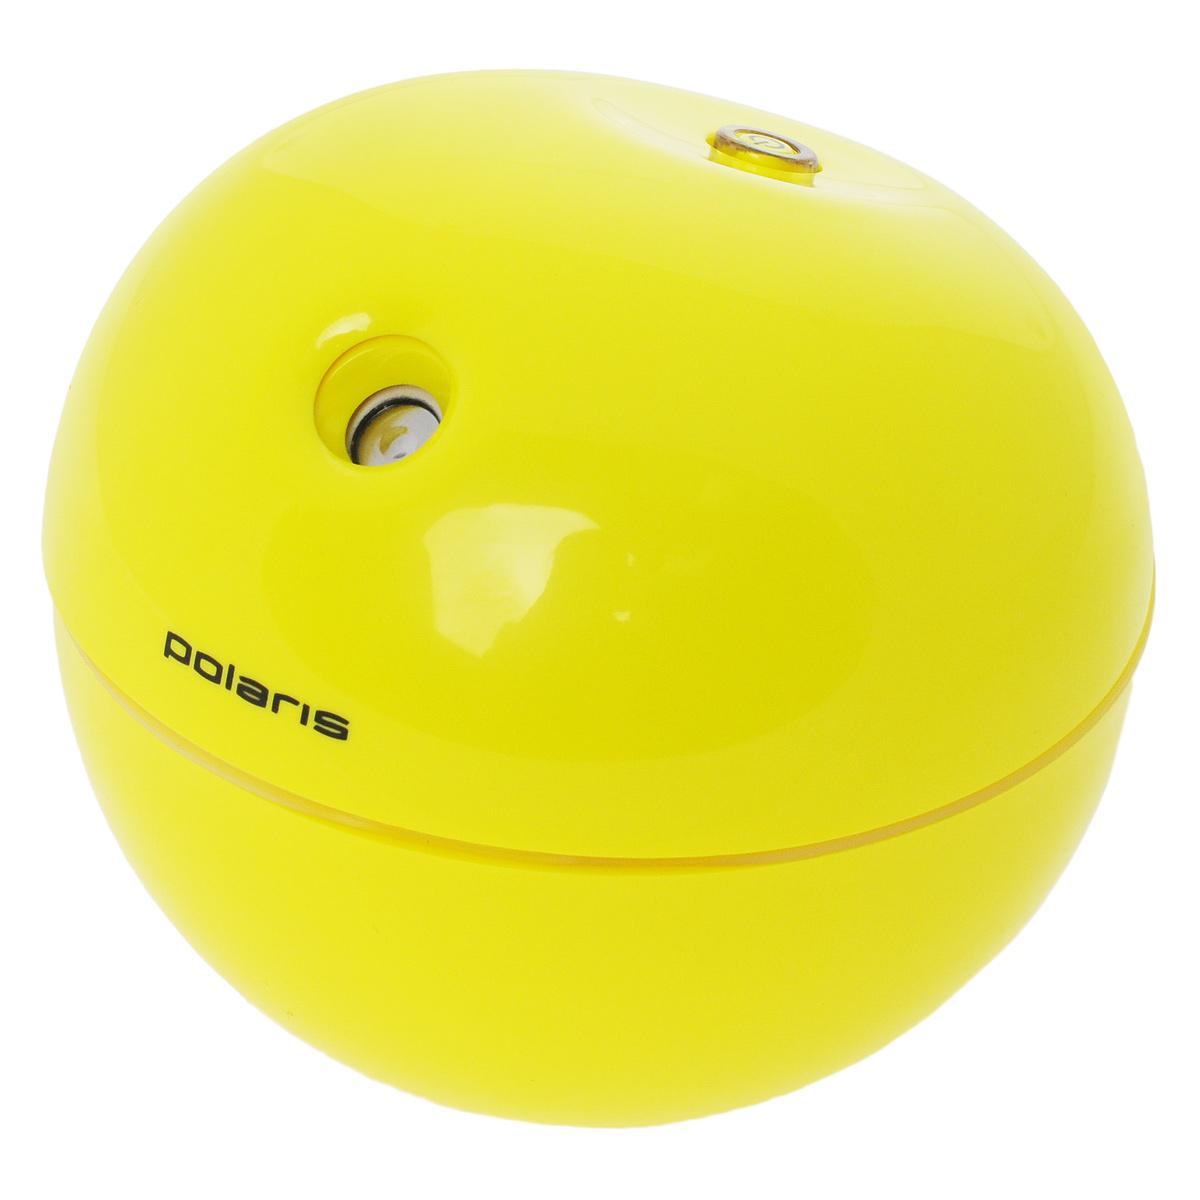 Polaris PUH 3102 Apple, Yellow увлажнитель воздухаPUH 3102apple_yПортативный персональный ультразвуковой увлажнитель воздуха Polaris PUH 3102 Apple. Данная модель сочетает в себе функции увлажнения воздуха с уникальным дизайном в форме яблока. Его можно использовать в доме, офисе или в путешествии. Работает при помощи USB-порта.